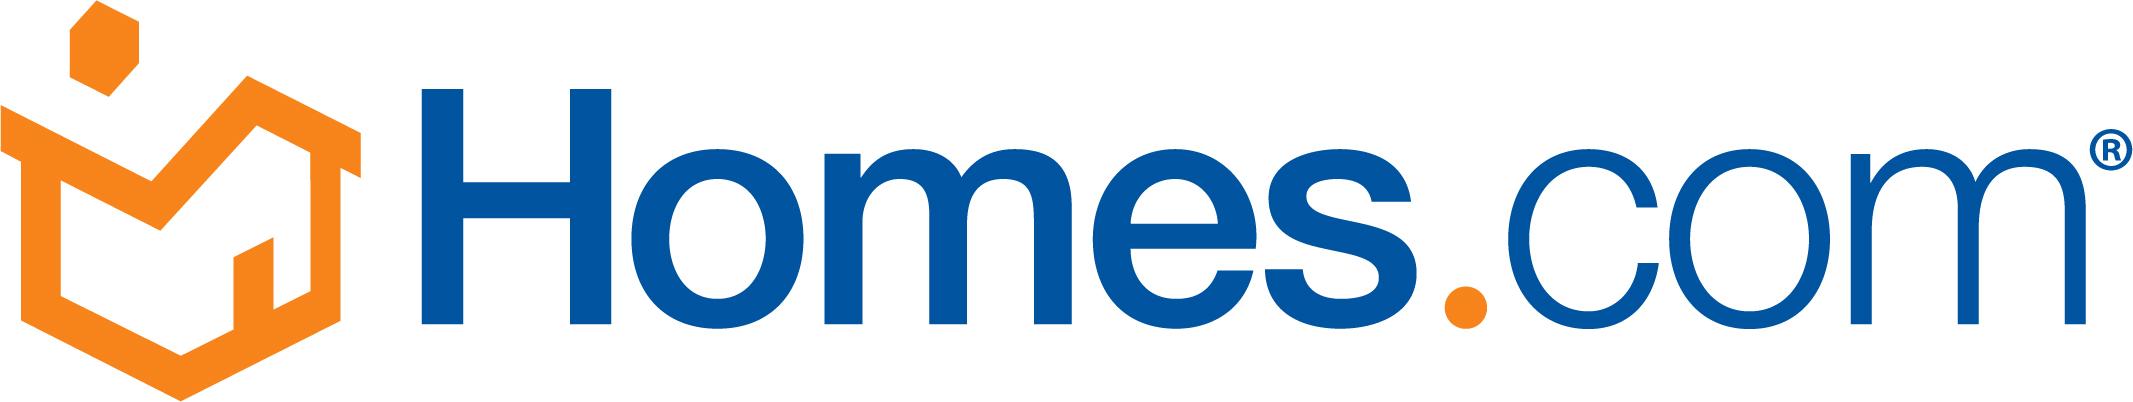 Homes.com logo